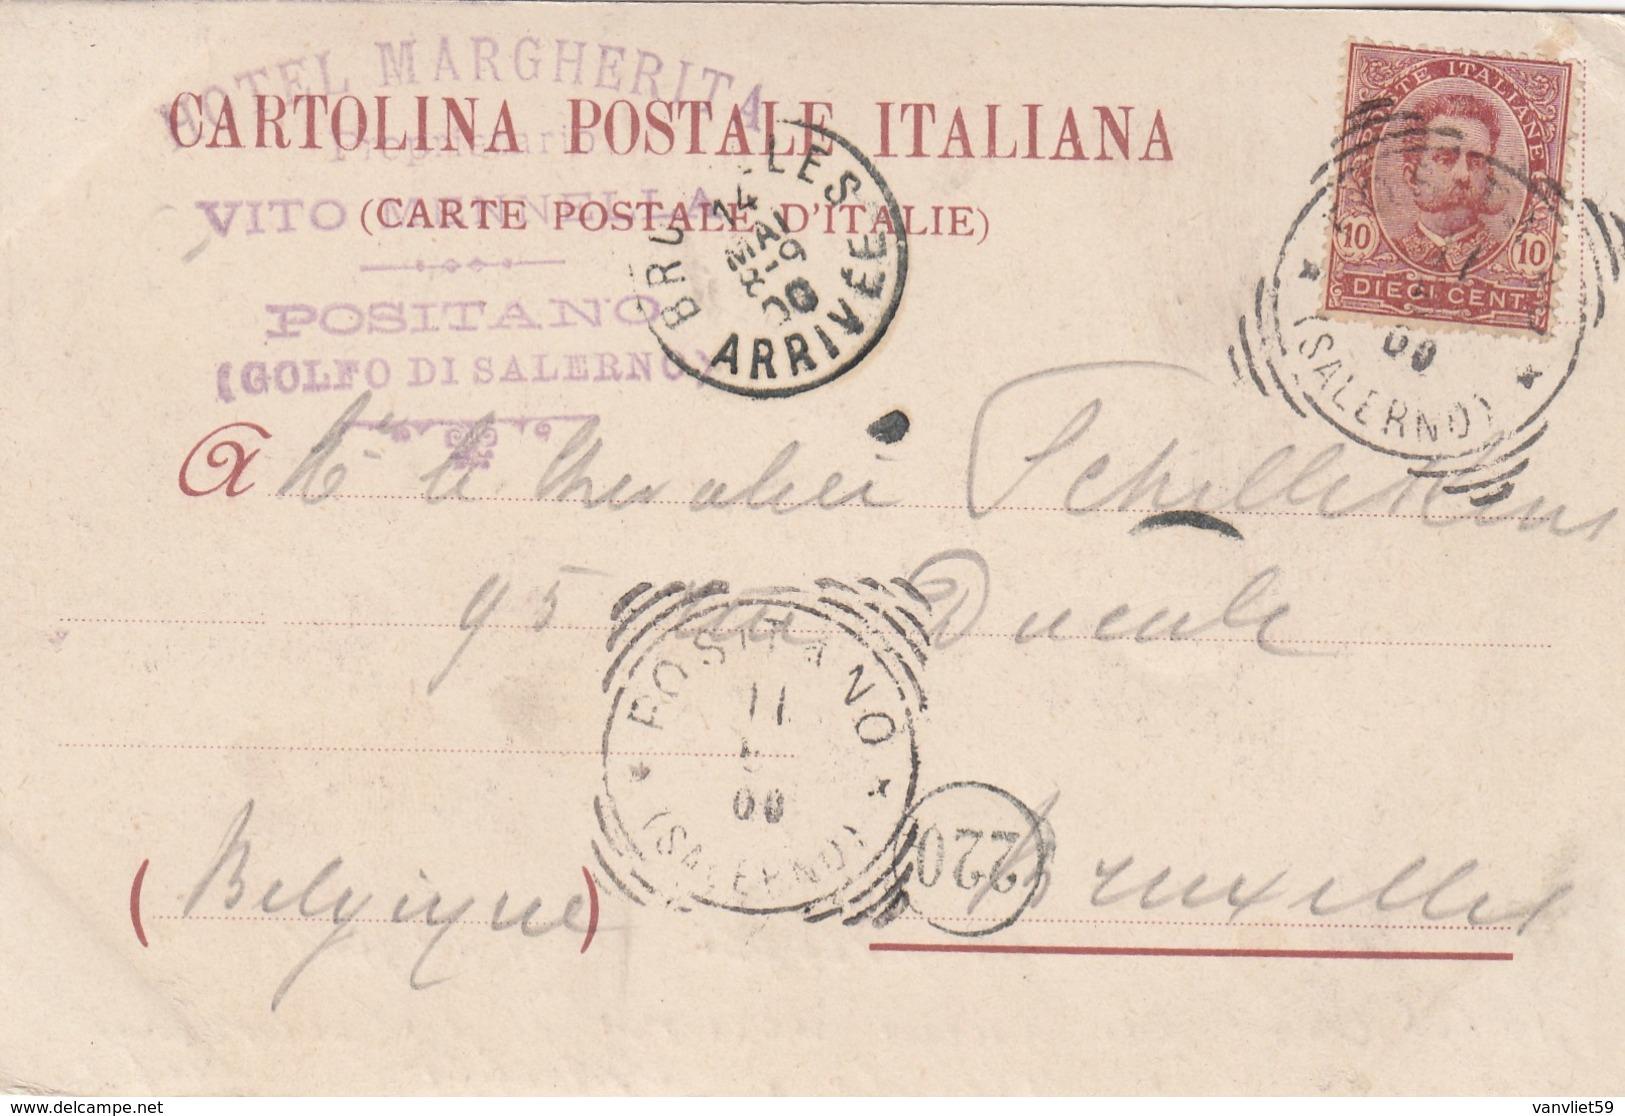 POSITANO-SALERNO-AL RETRO TIMBRO HOTEL =MARGHERITA=BELLA CARTOLINA VIAGGIATA IL 11-5-1900 - Salerno